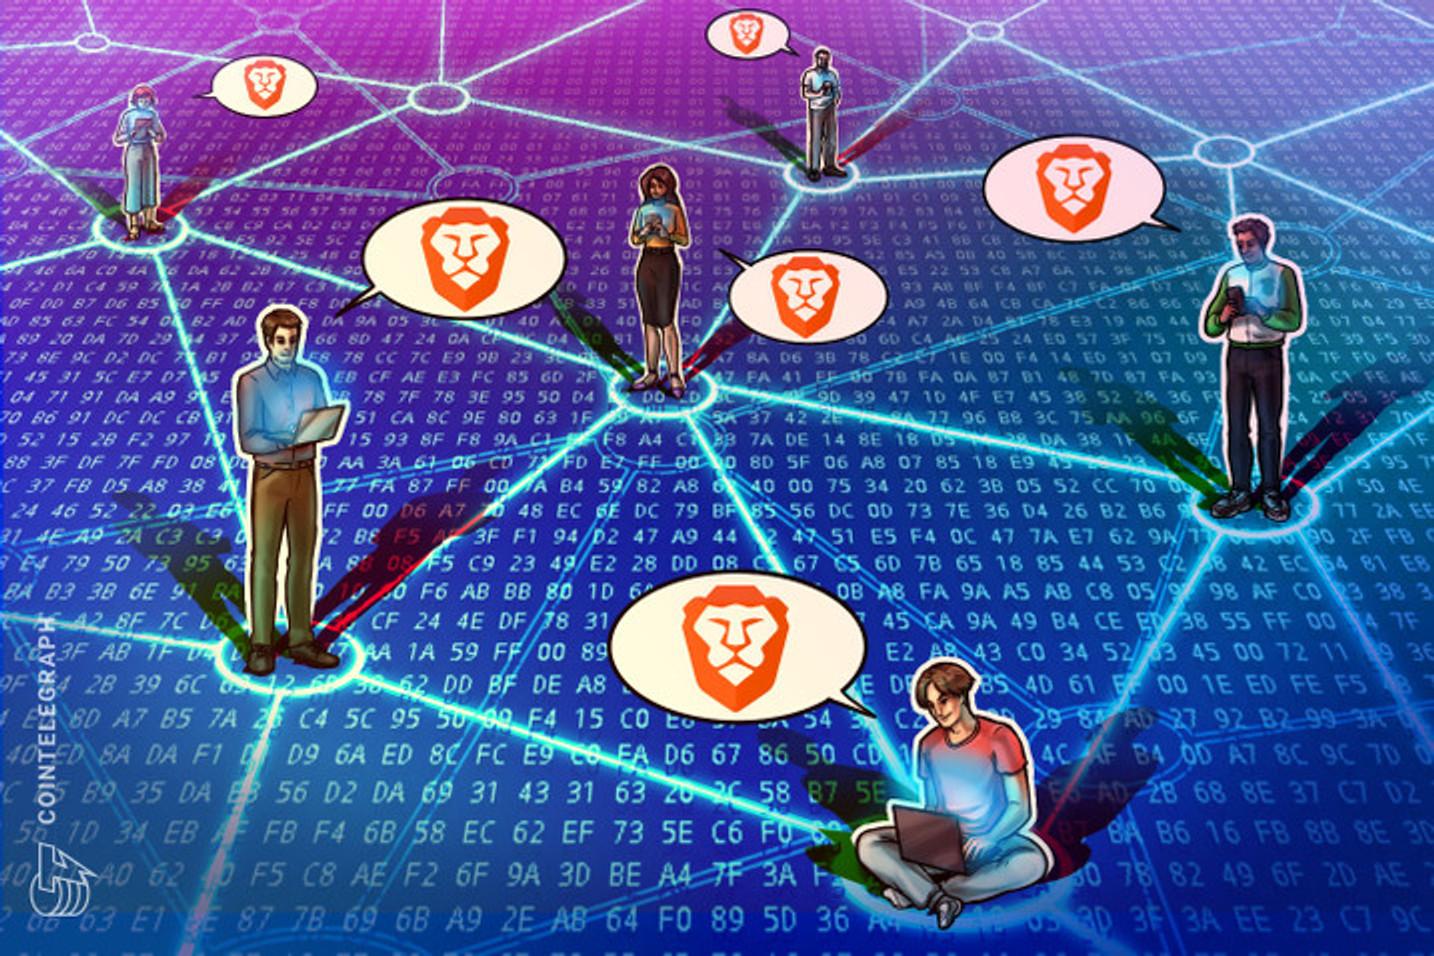 Navegador Brave atinge 15 milhões de usuários ativos